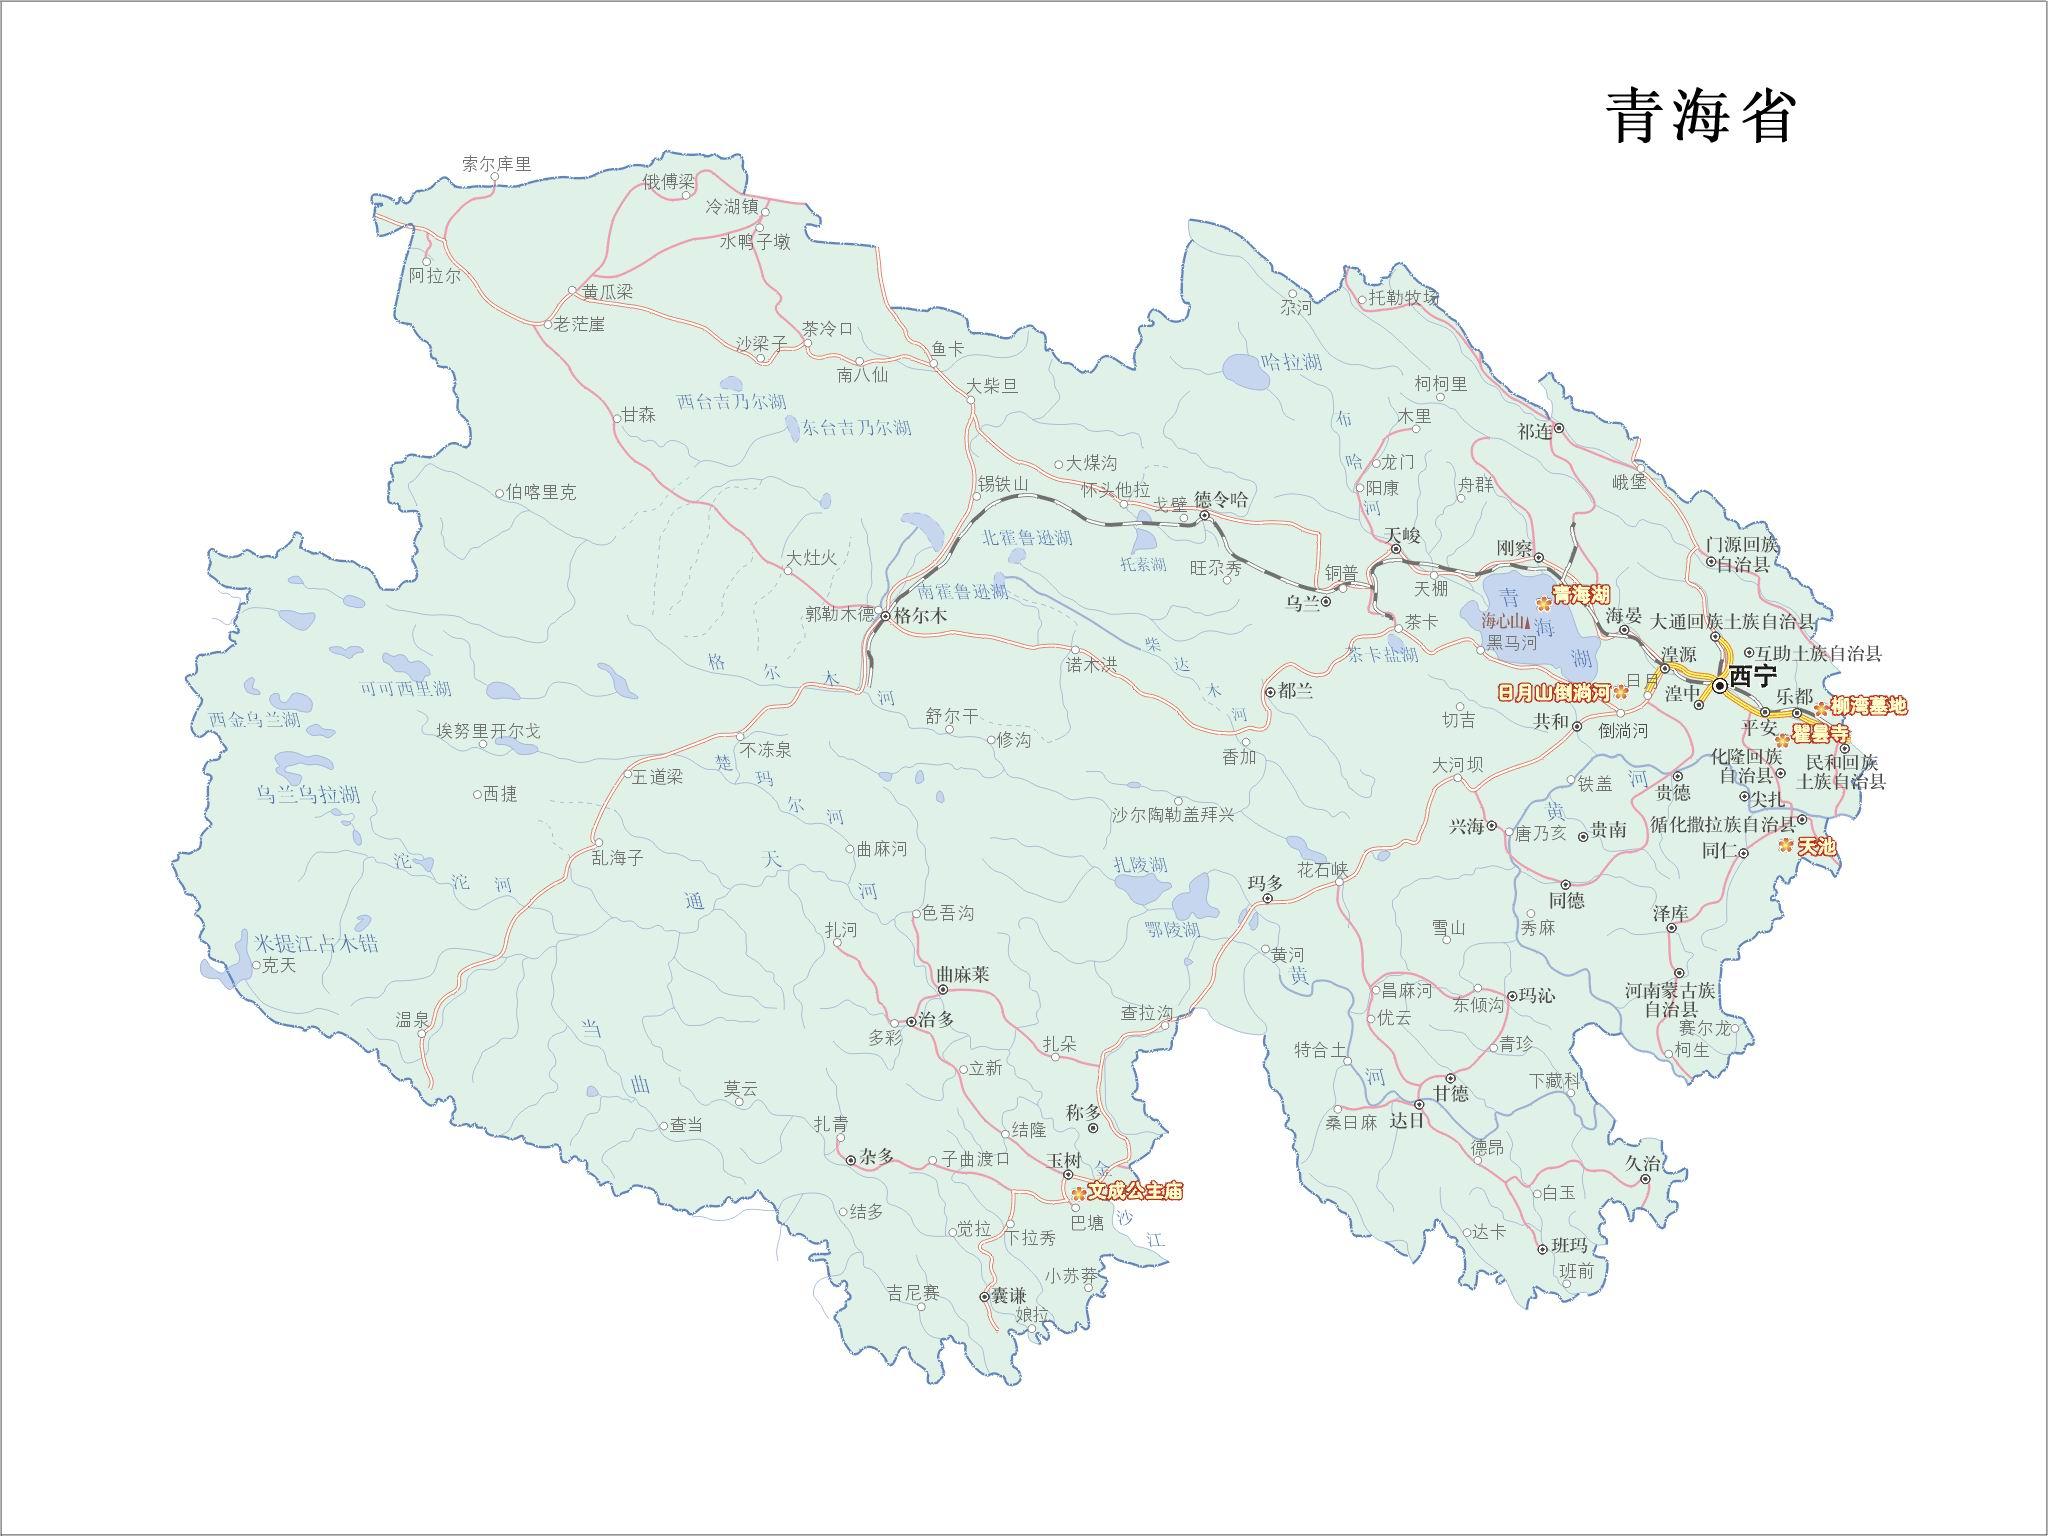 青海旅游地图全图大图 青海地图全图大图 青海交通地图全图大图